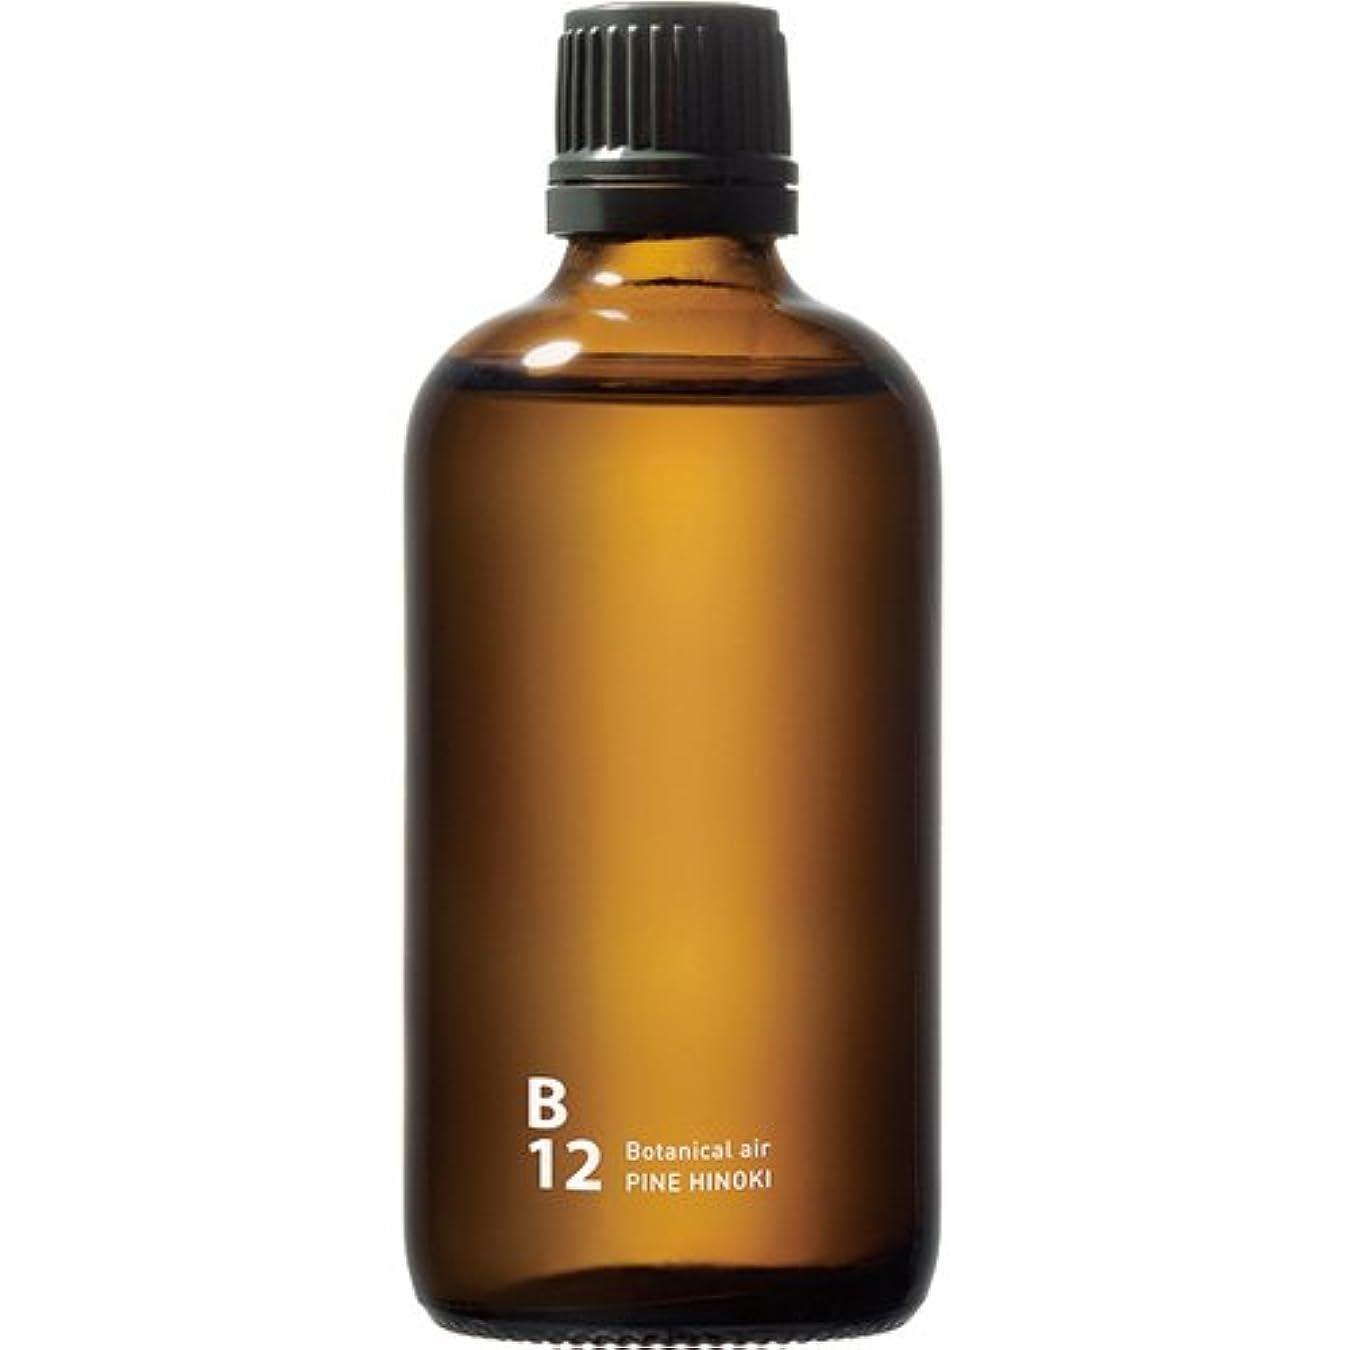 バドミントン自動的にフェザーB12 PINE HINOKI piezo aroma oil 100ml